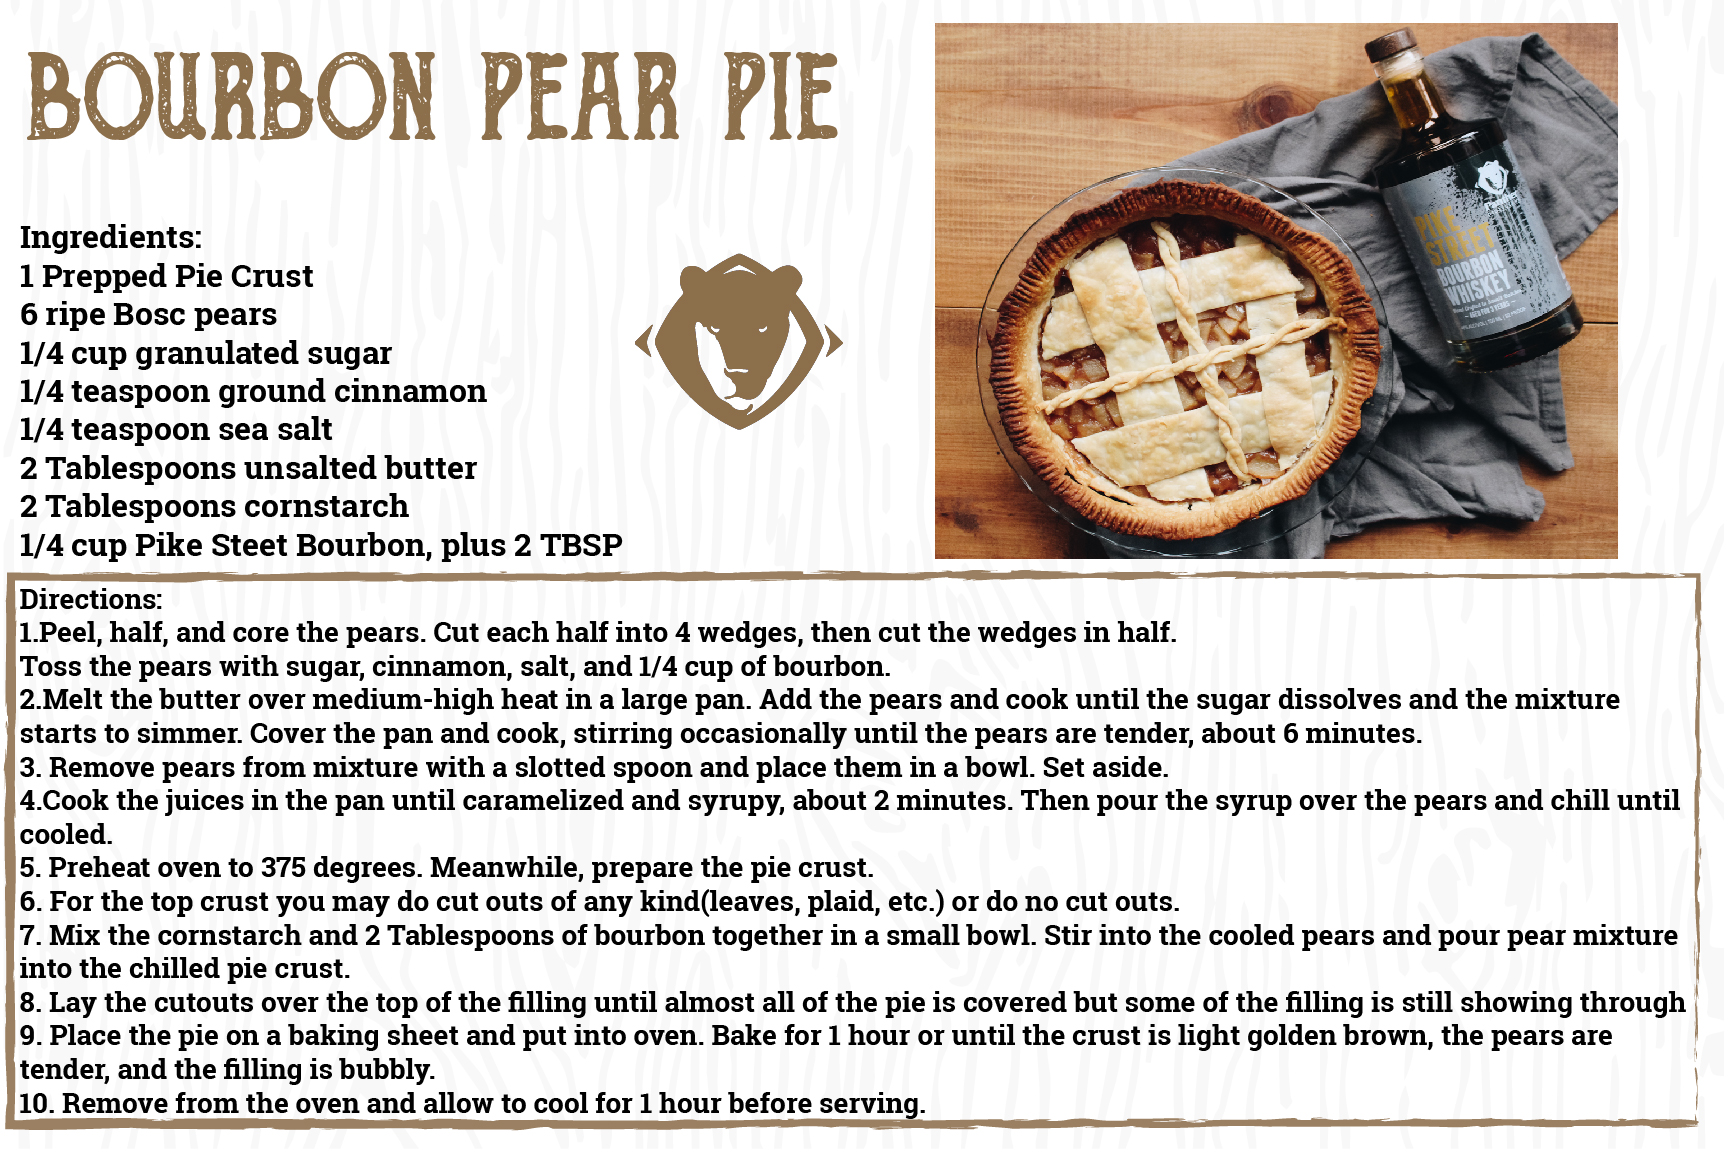 Bourbon Pear Pie